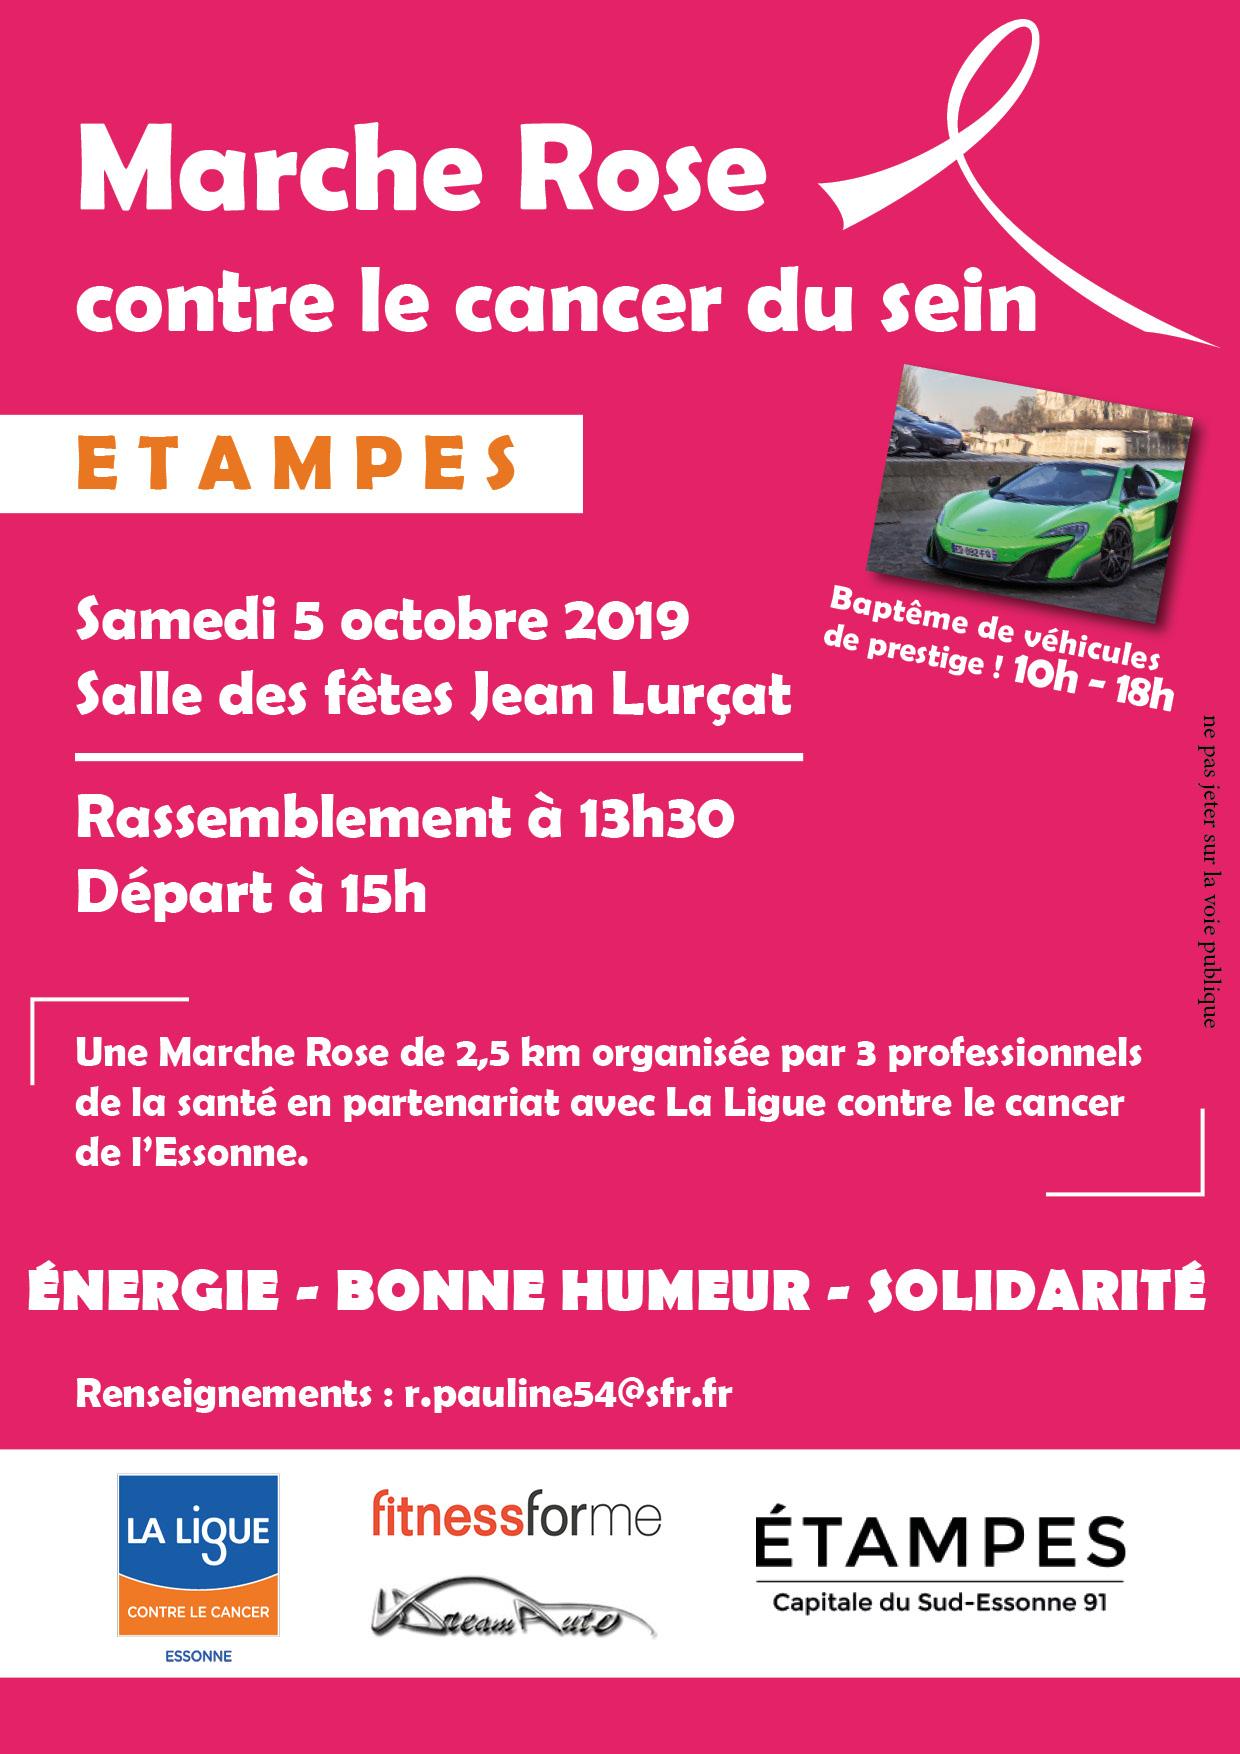 programme marche rose Etampes 2019